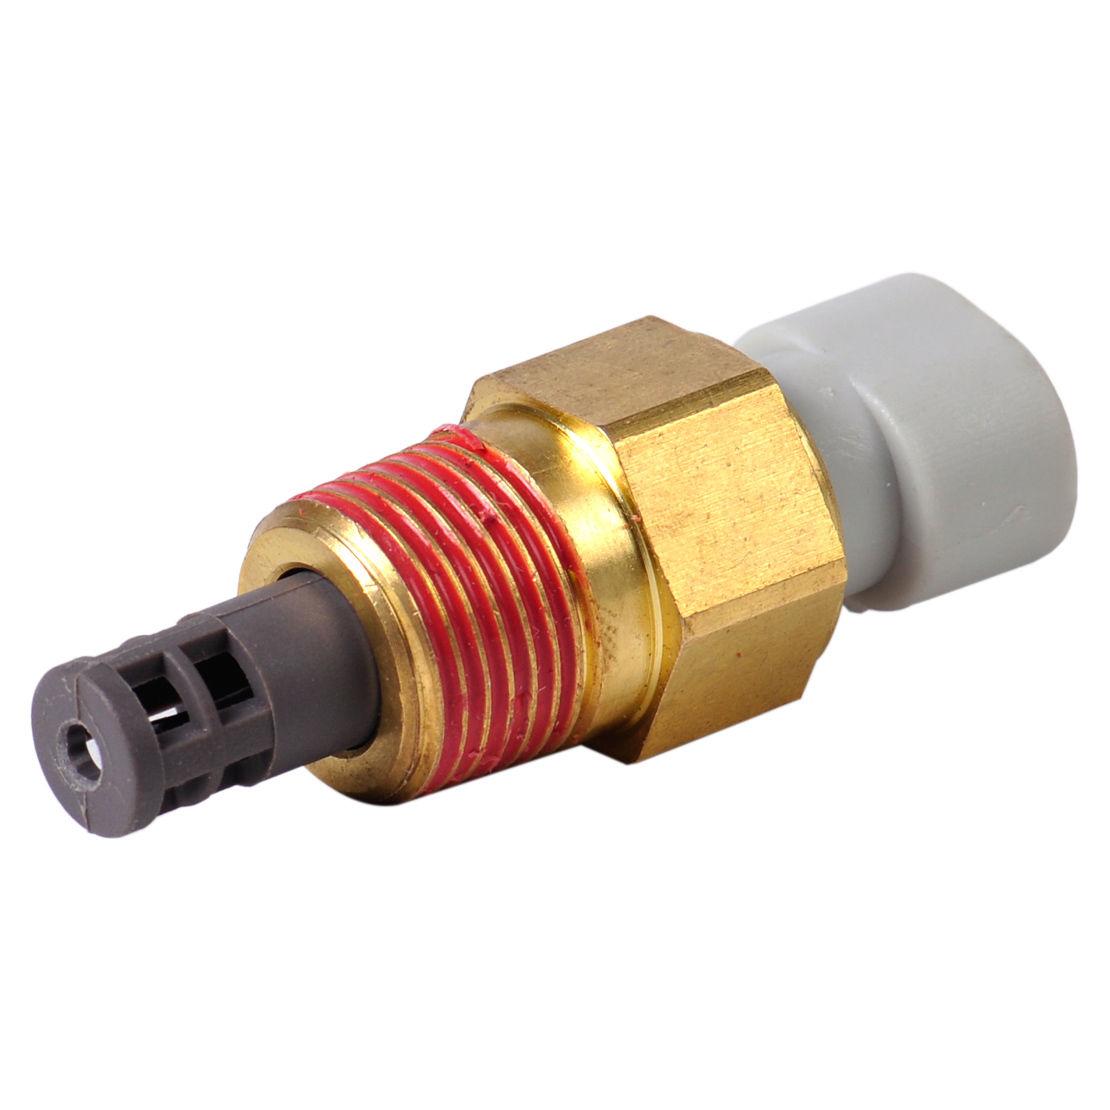 Brass & Plastic Air Intake Temperature Sensor Fit For GM